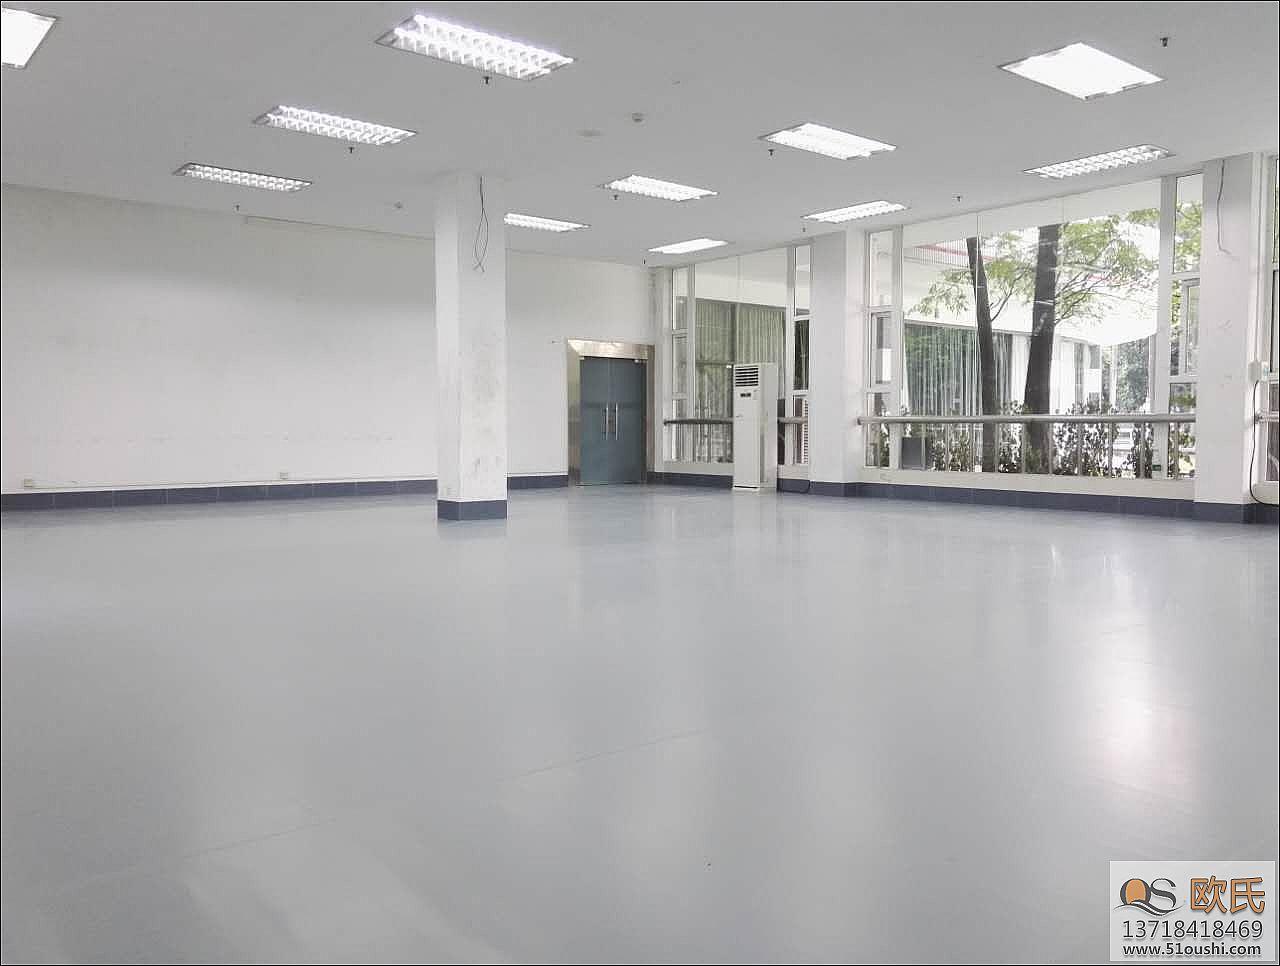 舞蹈房地板--广州中山大学熊德龙学生活动中心案例